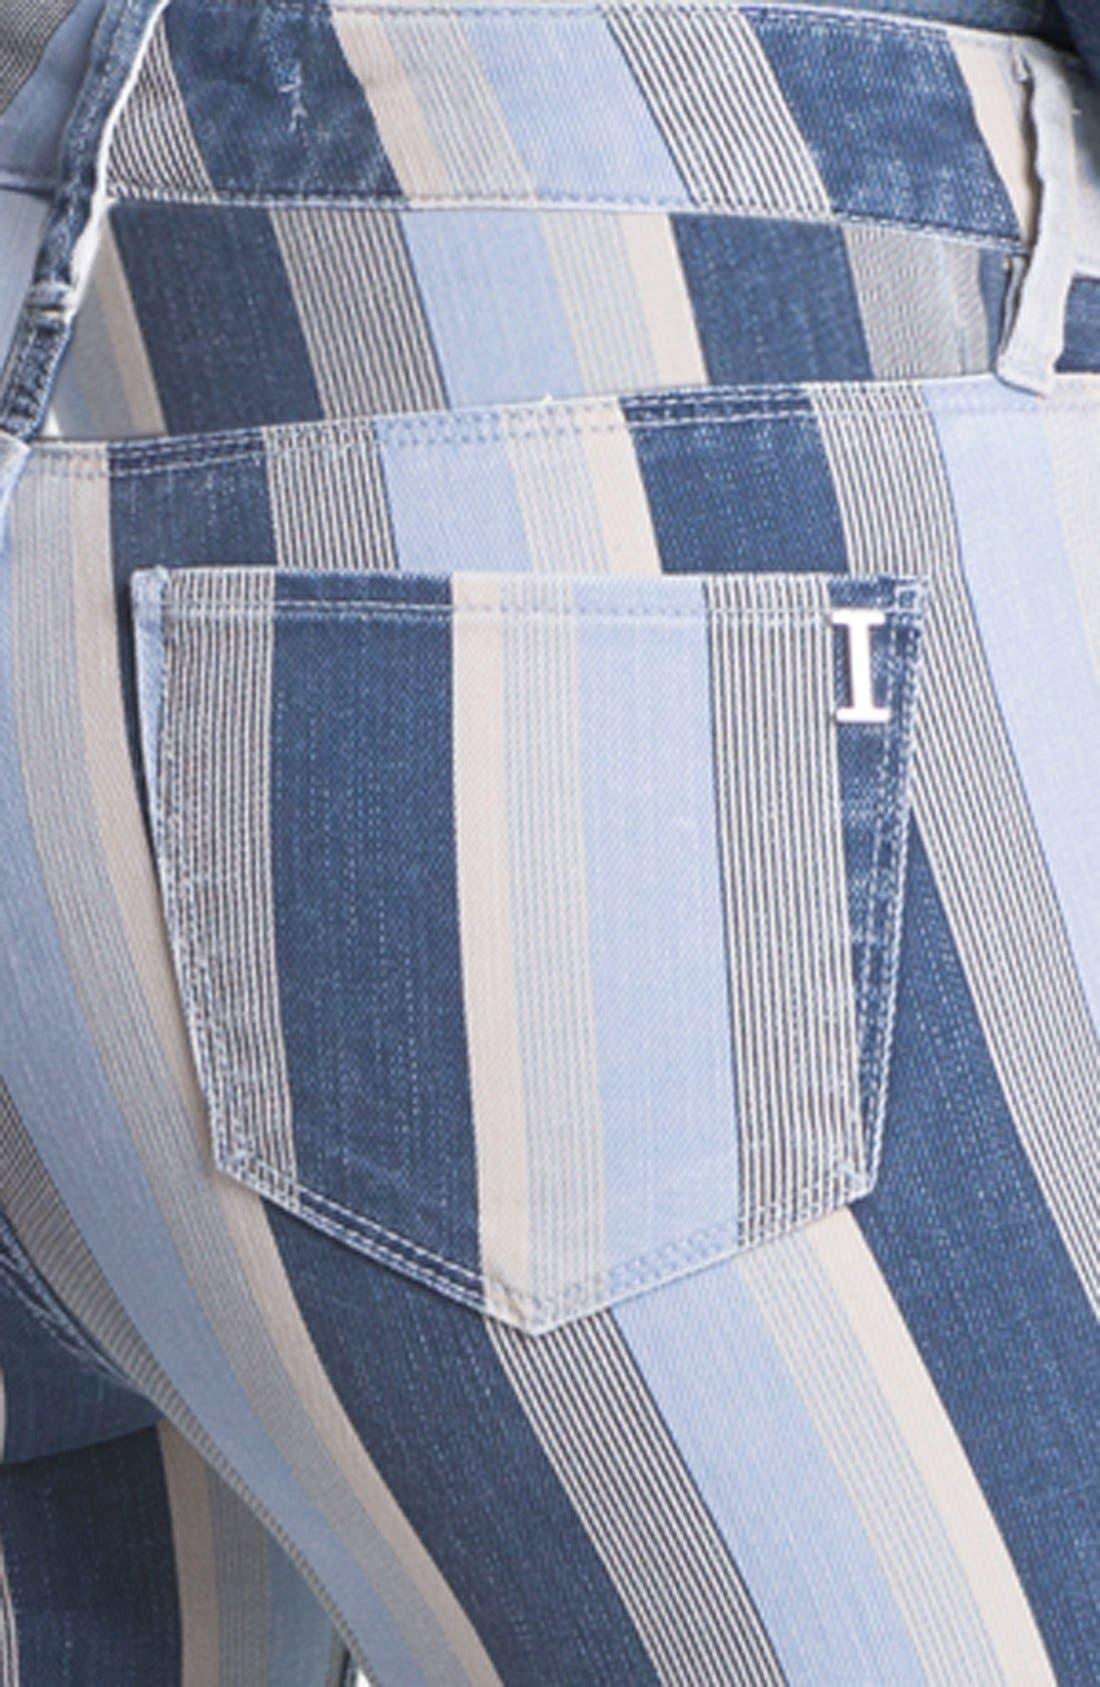 Alternate Image 3  - Isaac Mizrahi Jeans 'Ali' Slim Straight Leg Jeans